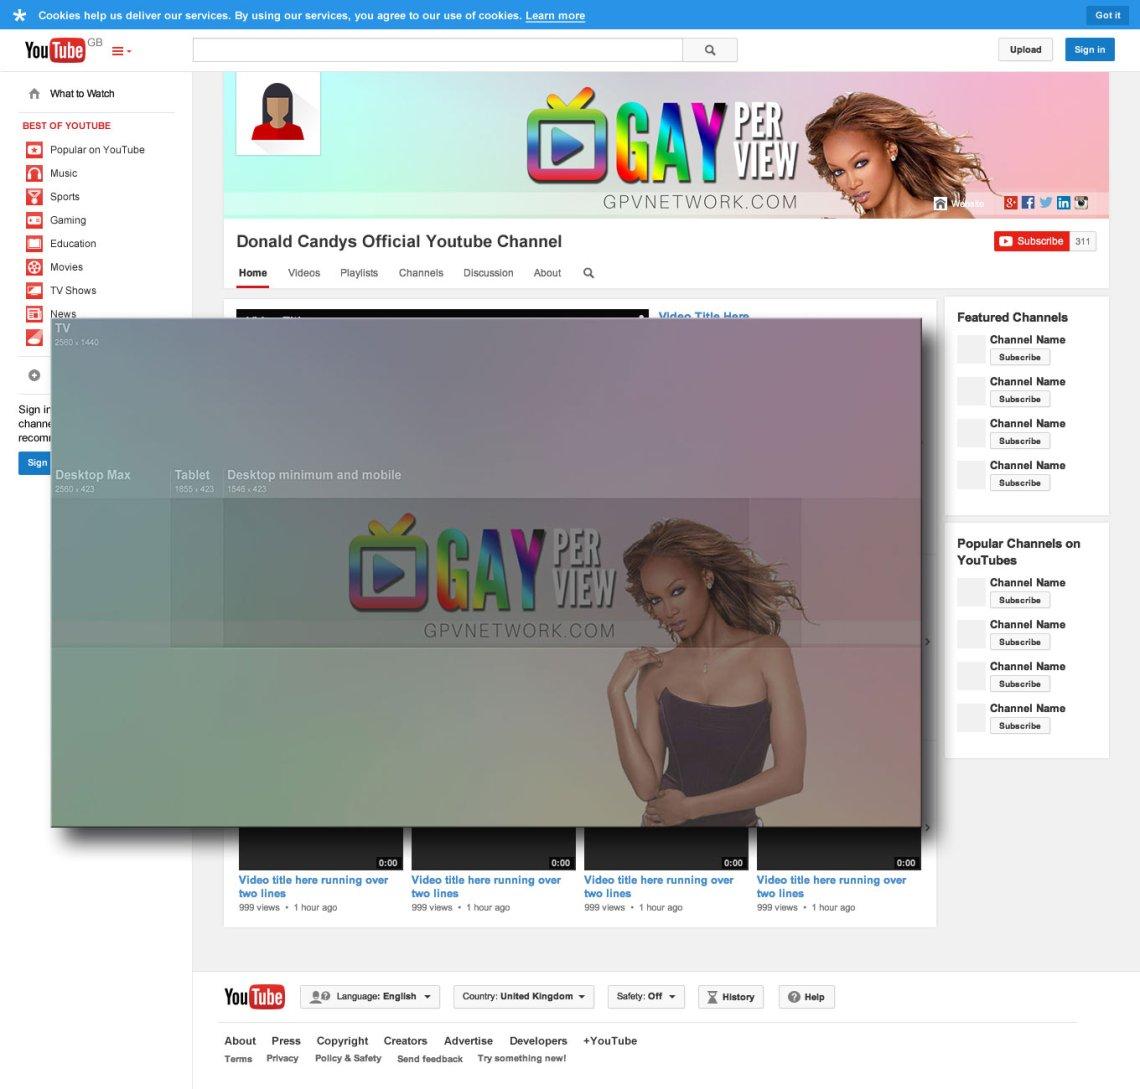 youtube-channel-gui-gpv